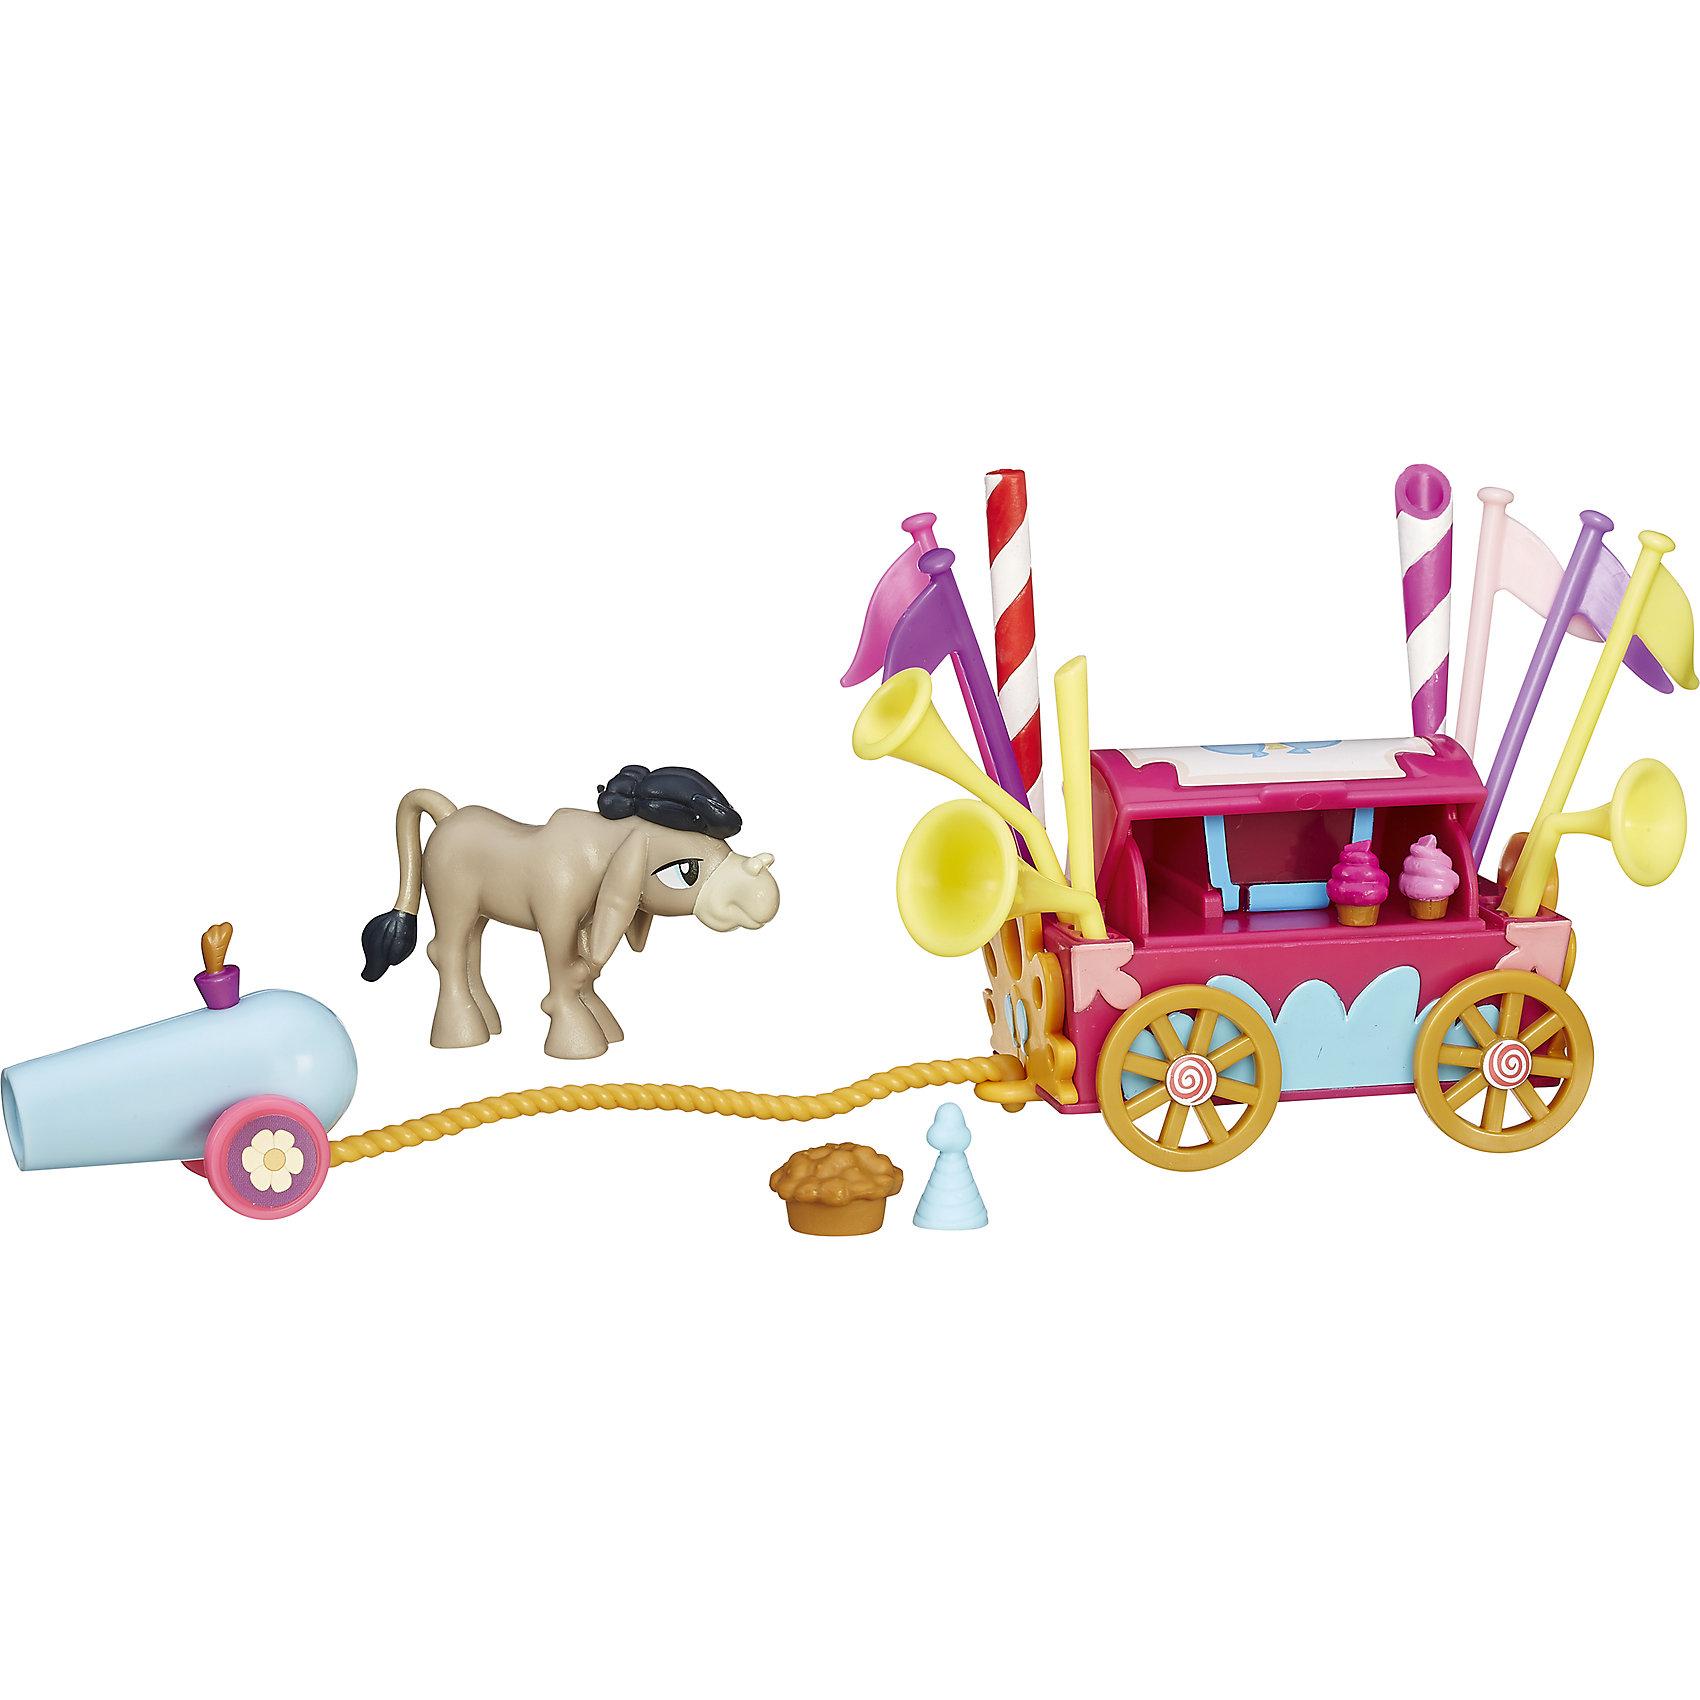 Коллекционный игровой мини-набор пони Крэнки Дудл, My little Pony, B3597/B5567Игрушки<br>Коллекционный игровой мини-набор пони, My little Pony, B3597/B5567.<br><br>Характеристики:<br><br>- В наборе: фигурка осла Кренки Дудла, тележка, пушка, аксессуары<br>- Размер фигурки осла: около 5 см.<br>- Материал: высококачественная пластмасса<br>- Размер упаковки: 20x16.5x6 см.<br><br>Коллекционный набор c фигуркой Крэнки Дудла от Hasbro (Хасбро) станет приятным подарком для девочки - поклонницы мультсериала Моя маленькая пони. Дружба - это чудо!. Персонаж по имени Кренки Дудл сыграл заметную роль в 5 сезоне мультсериала, ведь он подружился со всеми героями и нашел любовь всей своей жизни. Фигурка Кренки Дудла с тележкой, в которой есть вкусное мороженое, разноцветные шесты и флаги, трубы, выпечка, праздничные колпачки и даже пушка для конфетти позволит придумать множество разных сюжетных линий и историй. Набор выполнен из высококачественной пластмассы, безопасен для детей.<br><br>Коллекционный игровой мини-набор пони, My little Pony, B3597/B5567 можно купить в нашем интернет-магазине.<br><br>Ширина мм: 206<br>Глубина мм: 167<br>Высота мм: 600<br>Вес г: 132<br>Возраст от месяцев: 48<br>Возраст до месяцев: 72<br>Пол: Женский<br>Возраст: Детский<br>SKU: 5064686